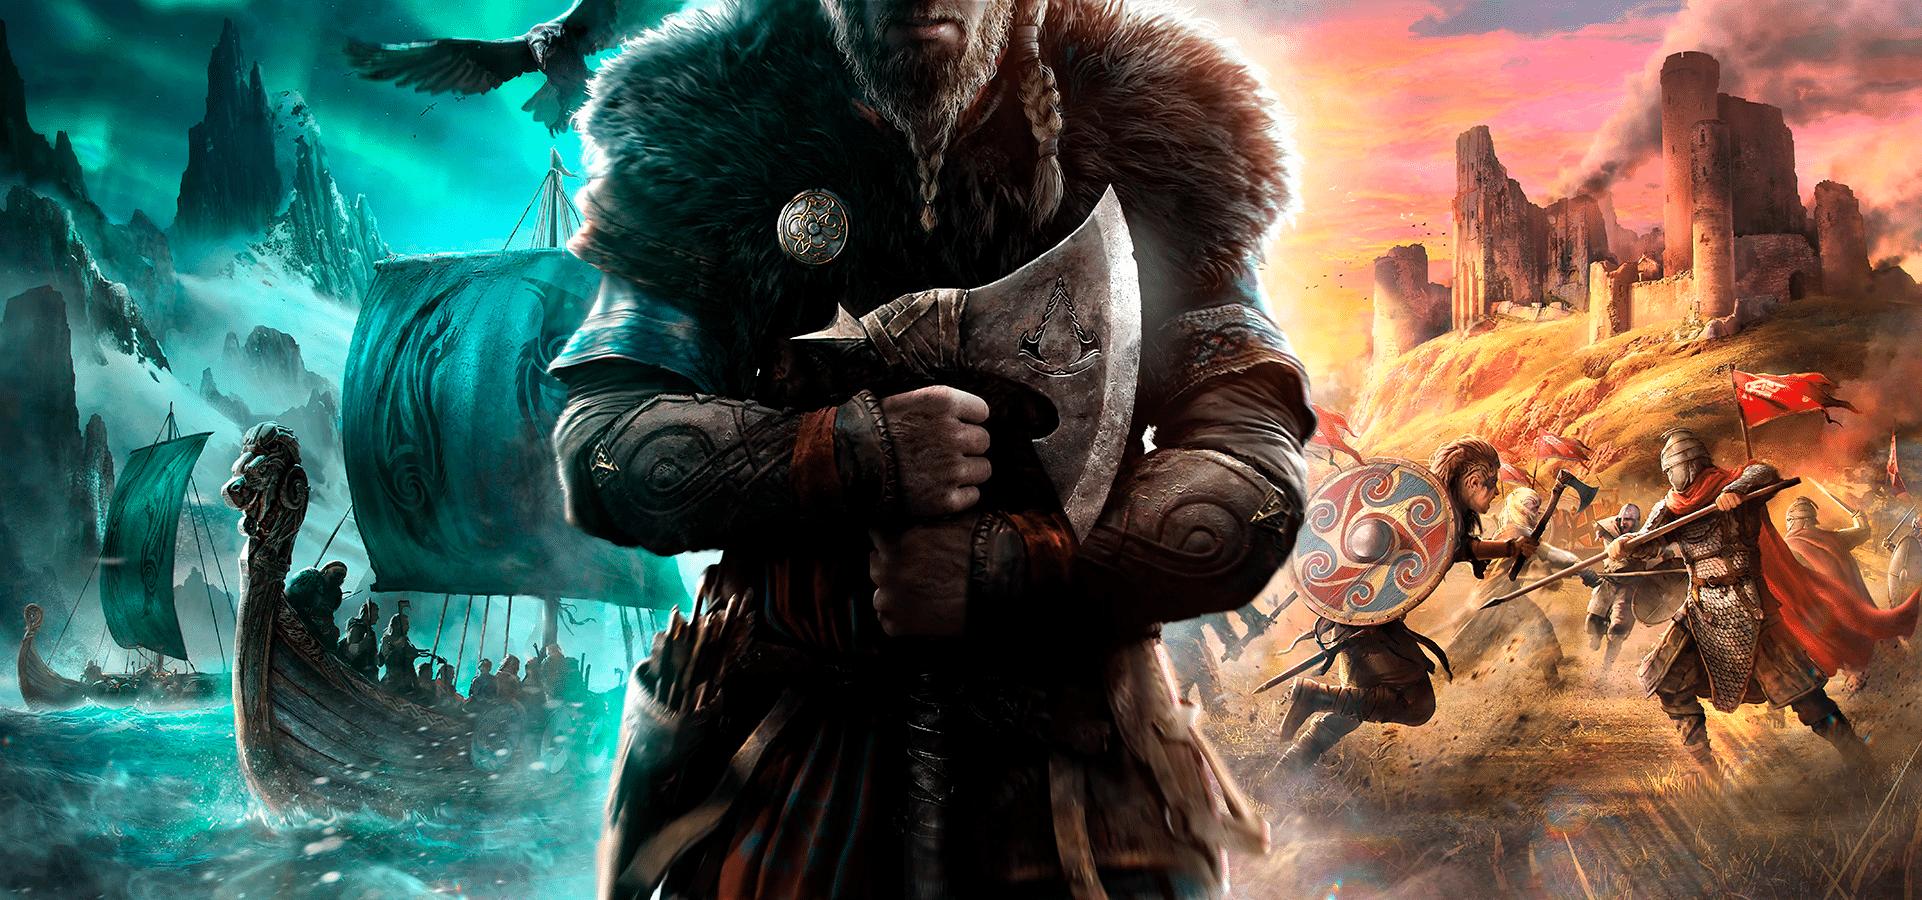 Jogos: Assassin's Creed Valhalla é revelado após live de 8 horas